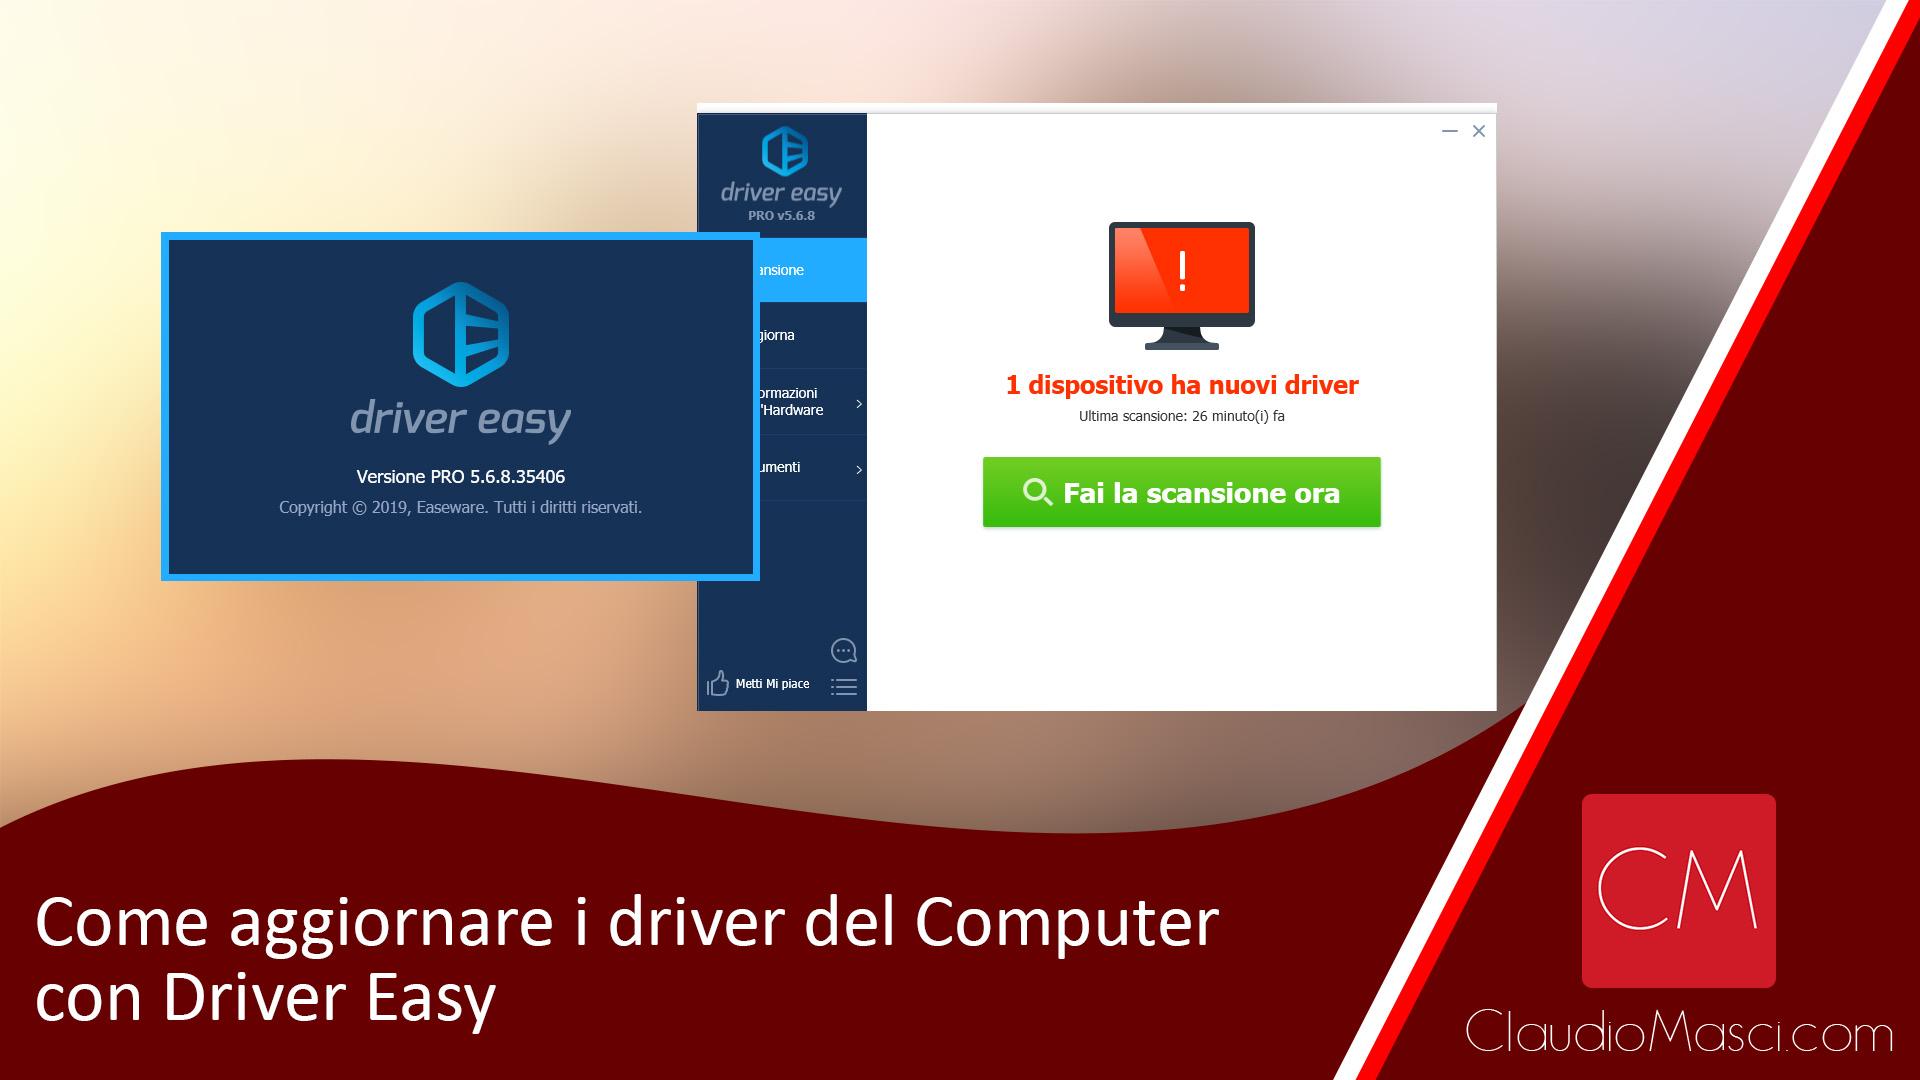 Come aggiornare i driver del Computer con Driver Easy